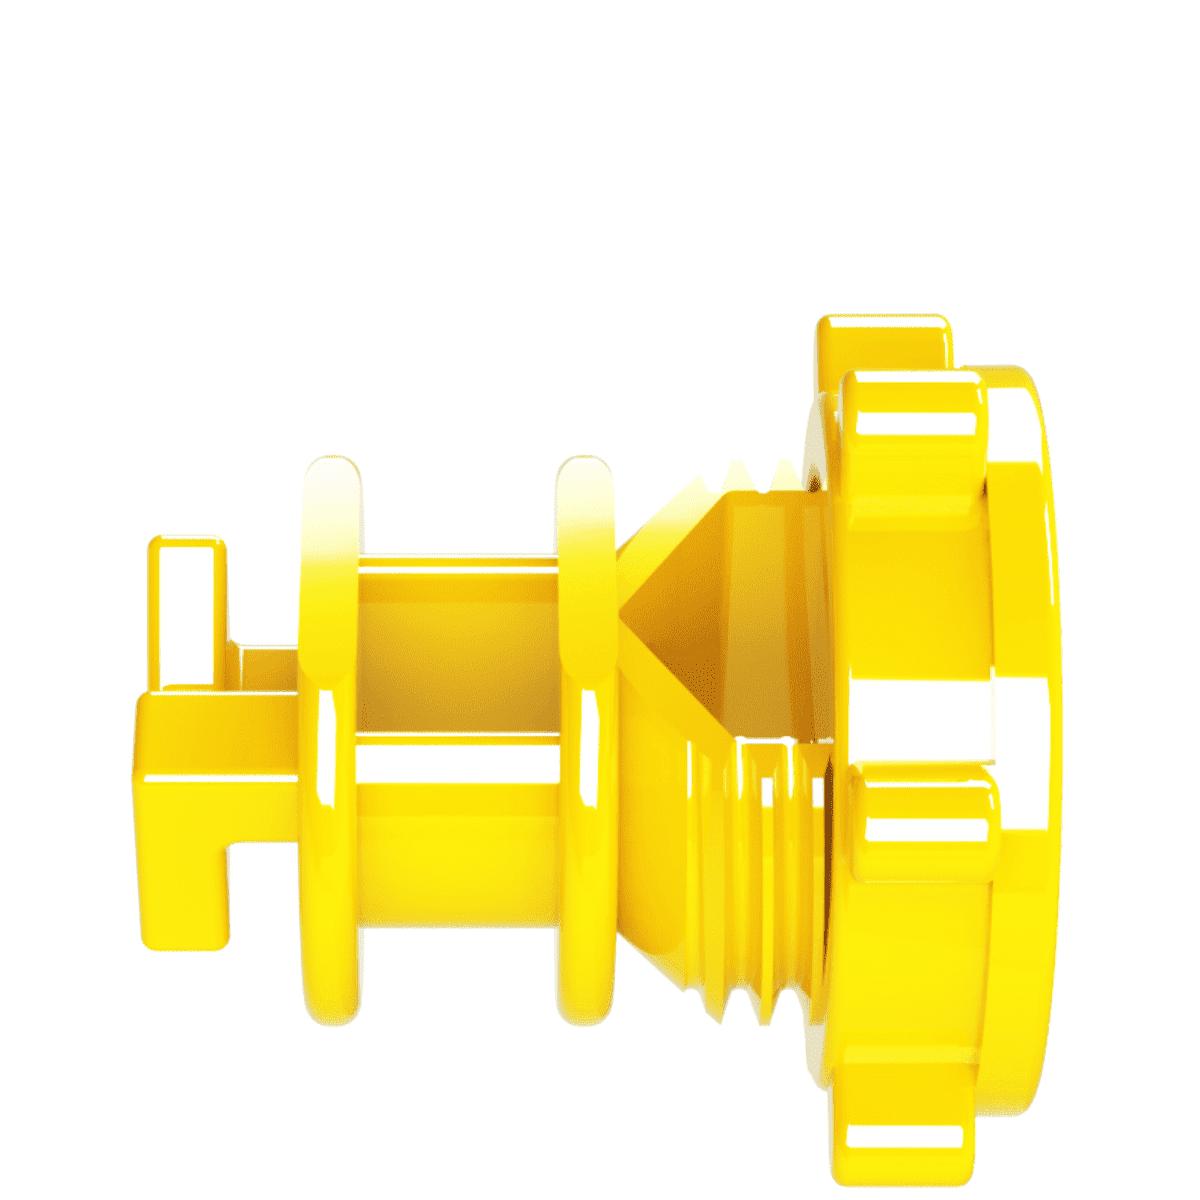 Isolador Vergalhão Rosca Amarelo Cerca Elétrica Rural Residencial Industrial Pacote 100 Unidades  - Ambientude Agro e Pet